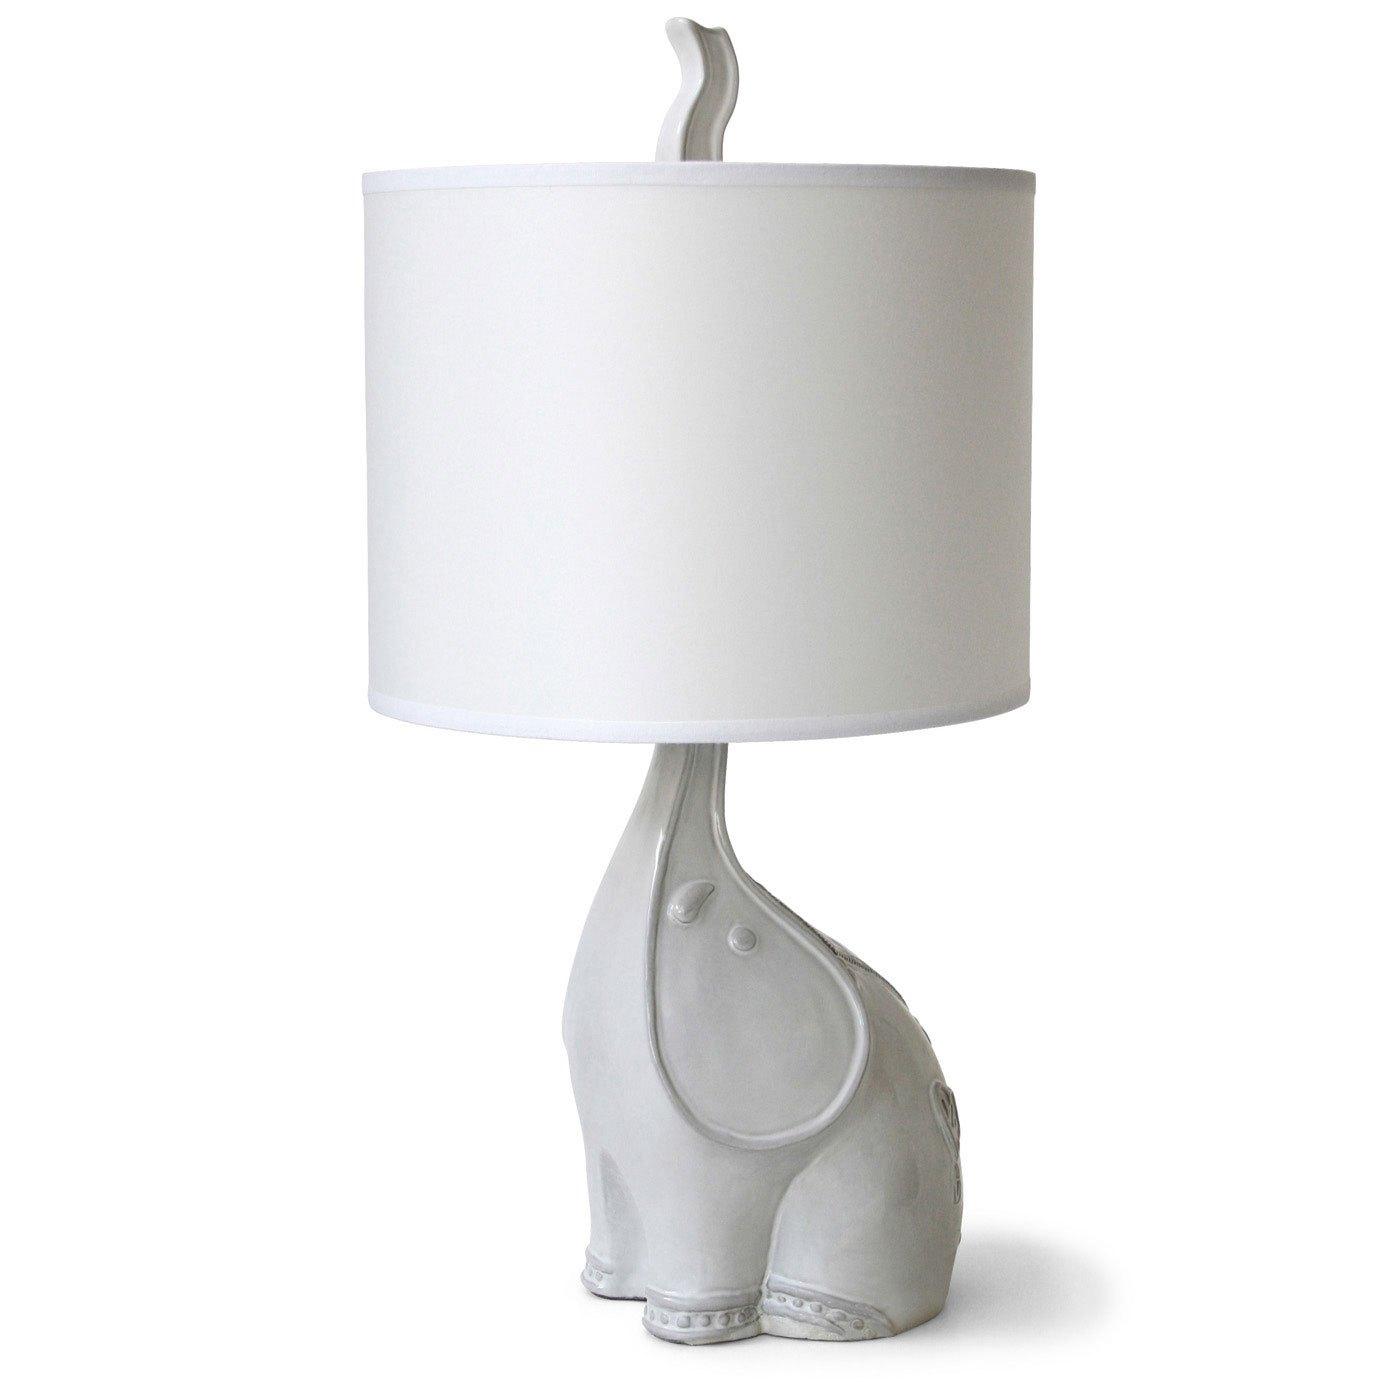 jonathan adler giraffe lamp photo - 8